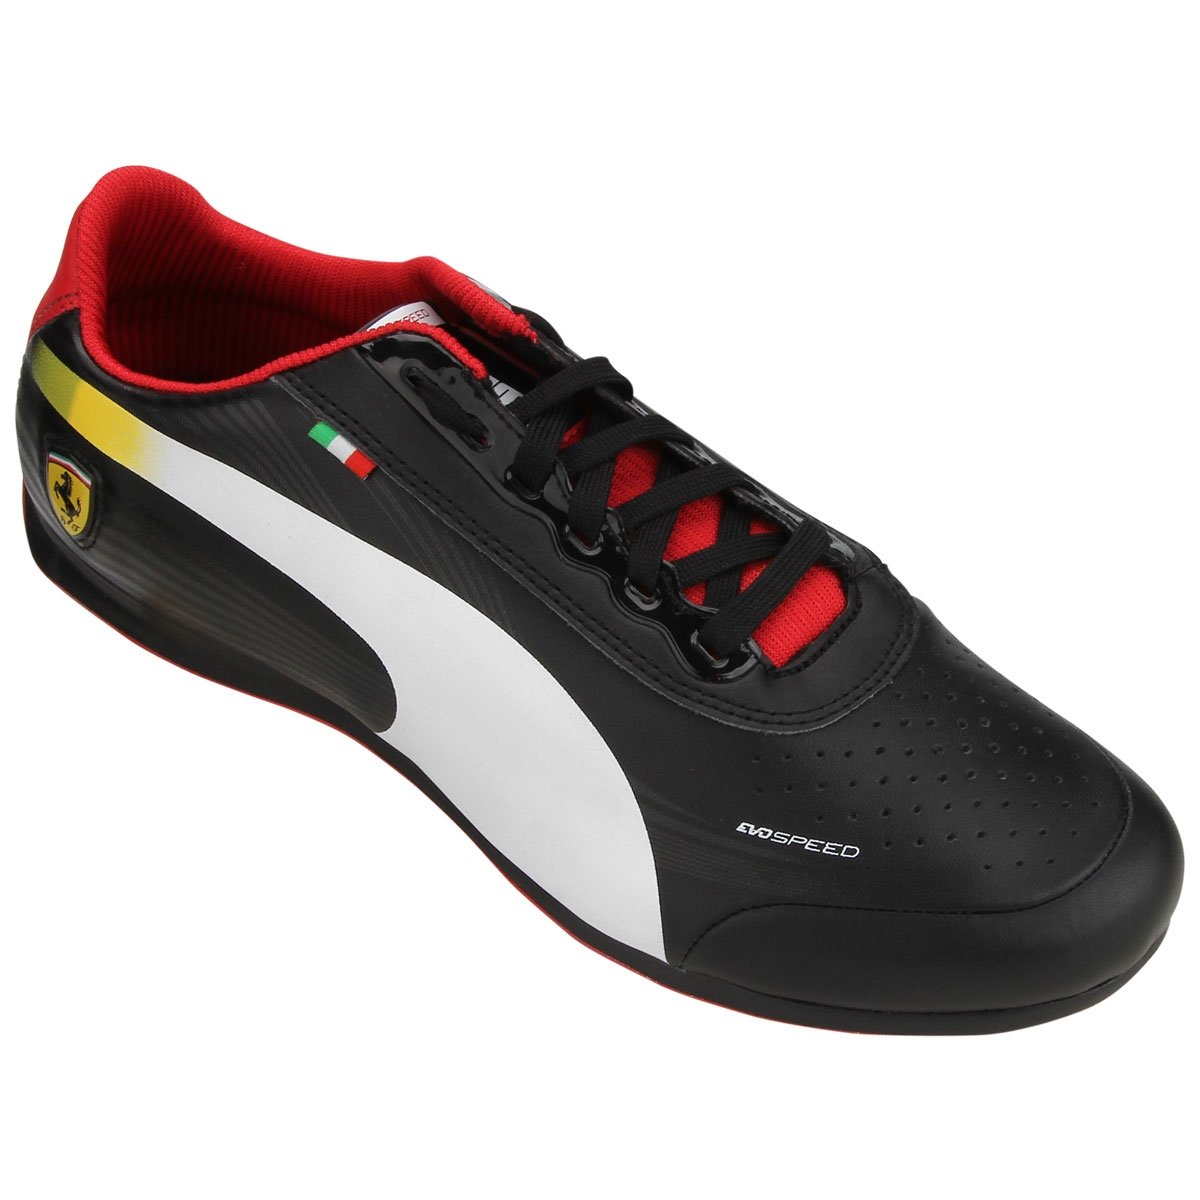 027a64bc8 Tênis Puma Evospeed 1.2 Low Ferrari - Compre Agora   Zattini